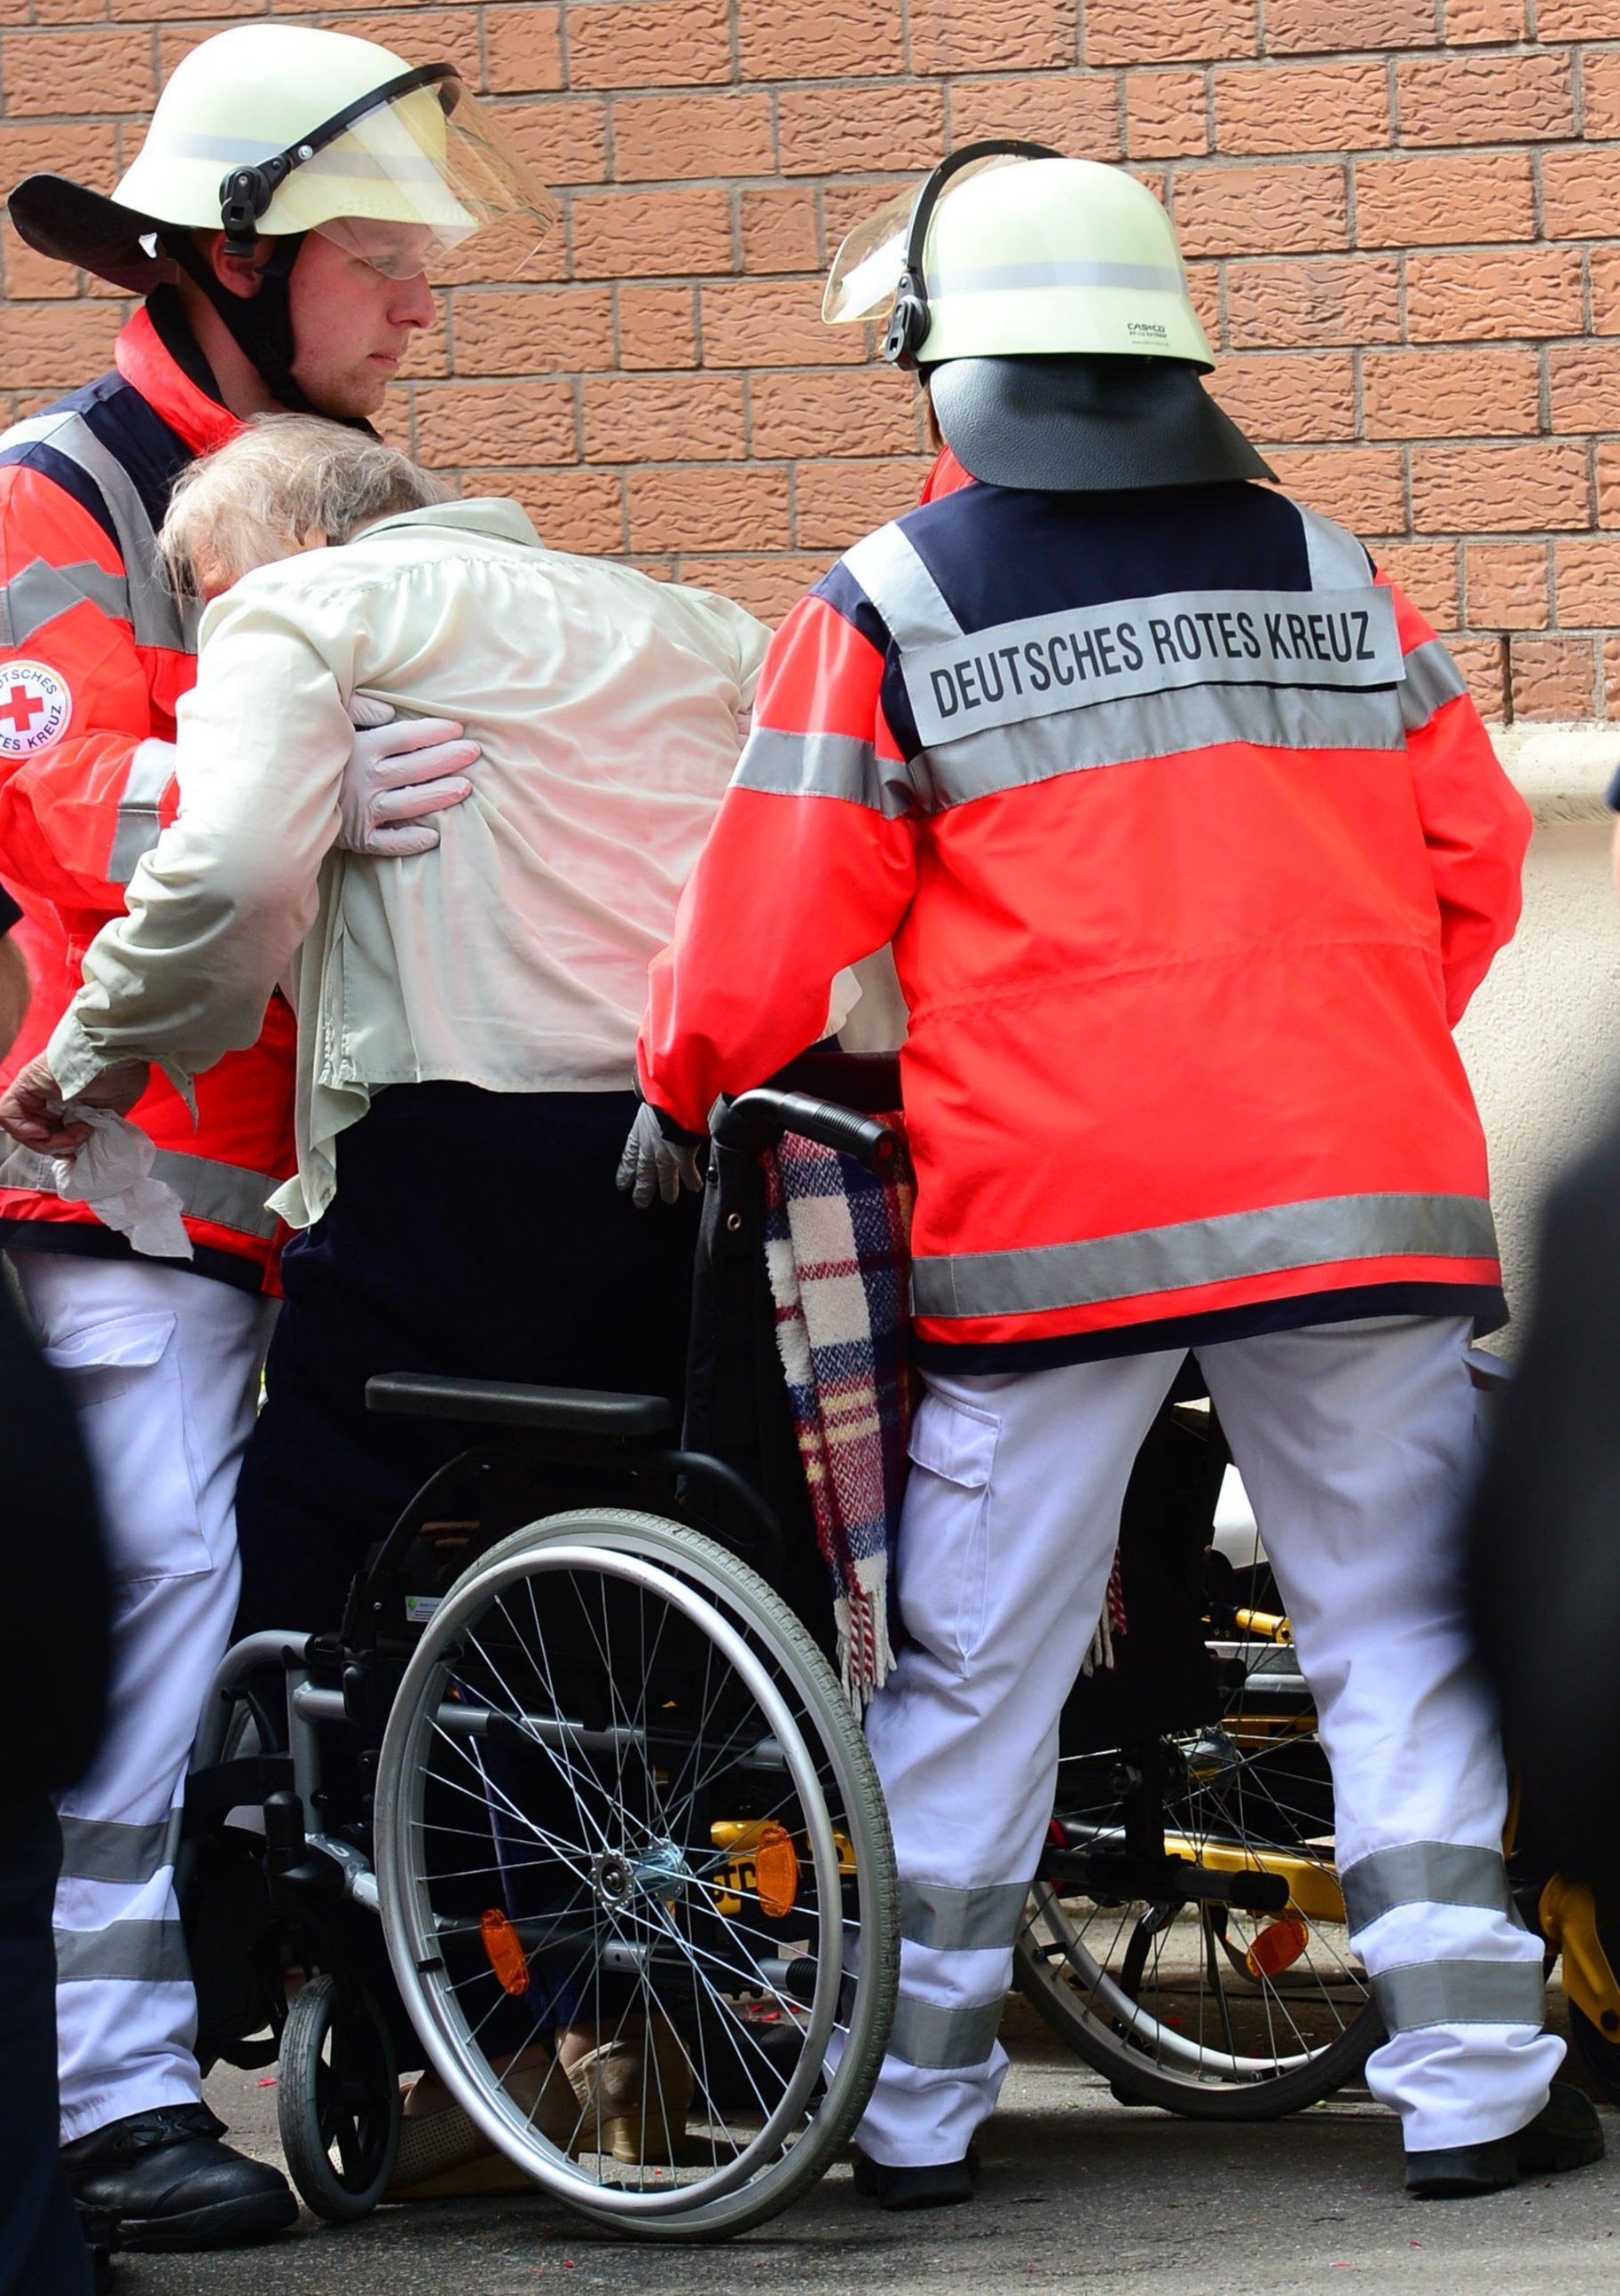 Auch Sanitäter heben oft schwer und kämpfen mit Rückenproblemen: Sie sollen daher zu den ersten Berufsgruppen gehören, die den Sensoranzug testen.